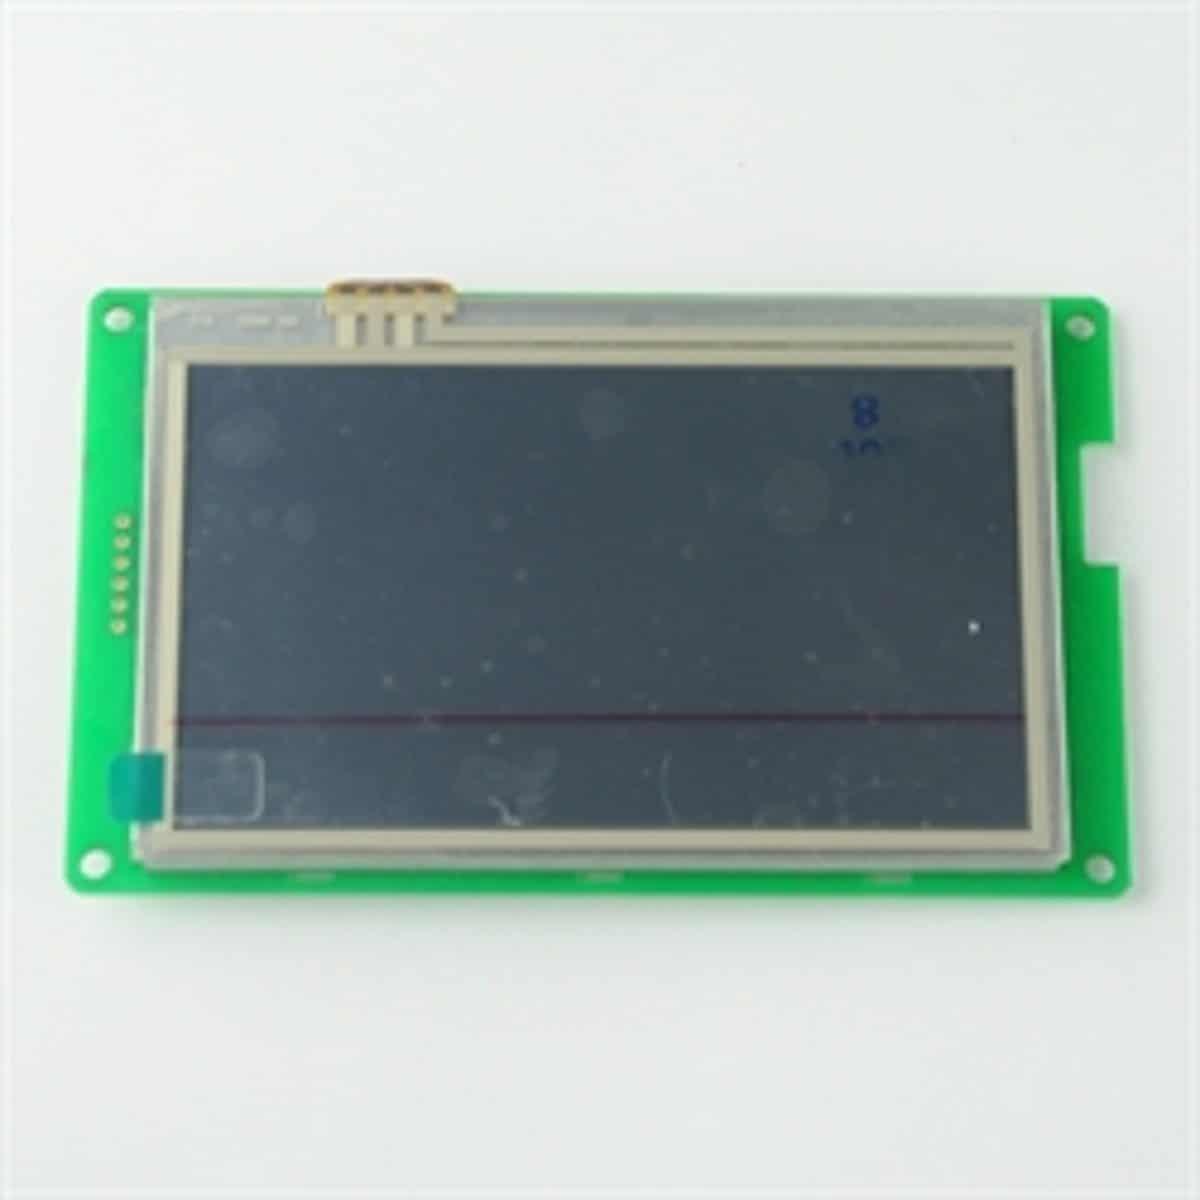 Billede af Wanhao Duplicator 9 Touch Display